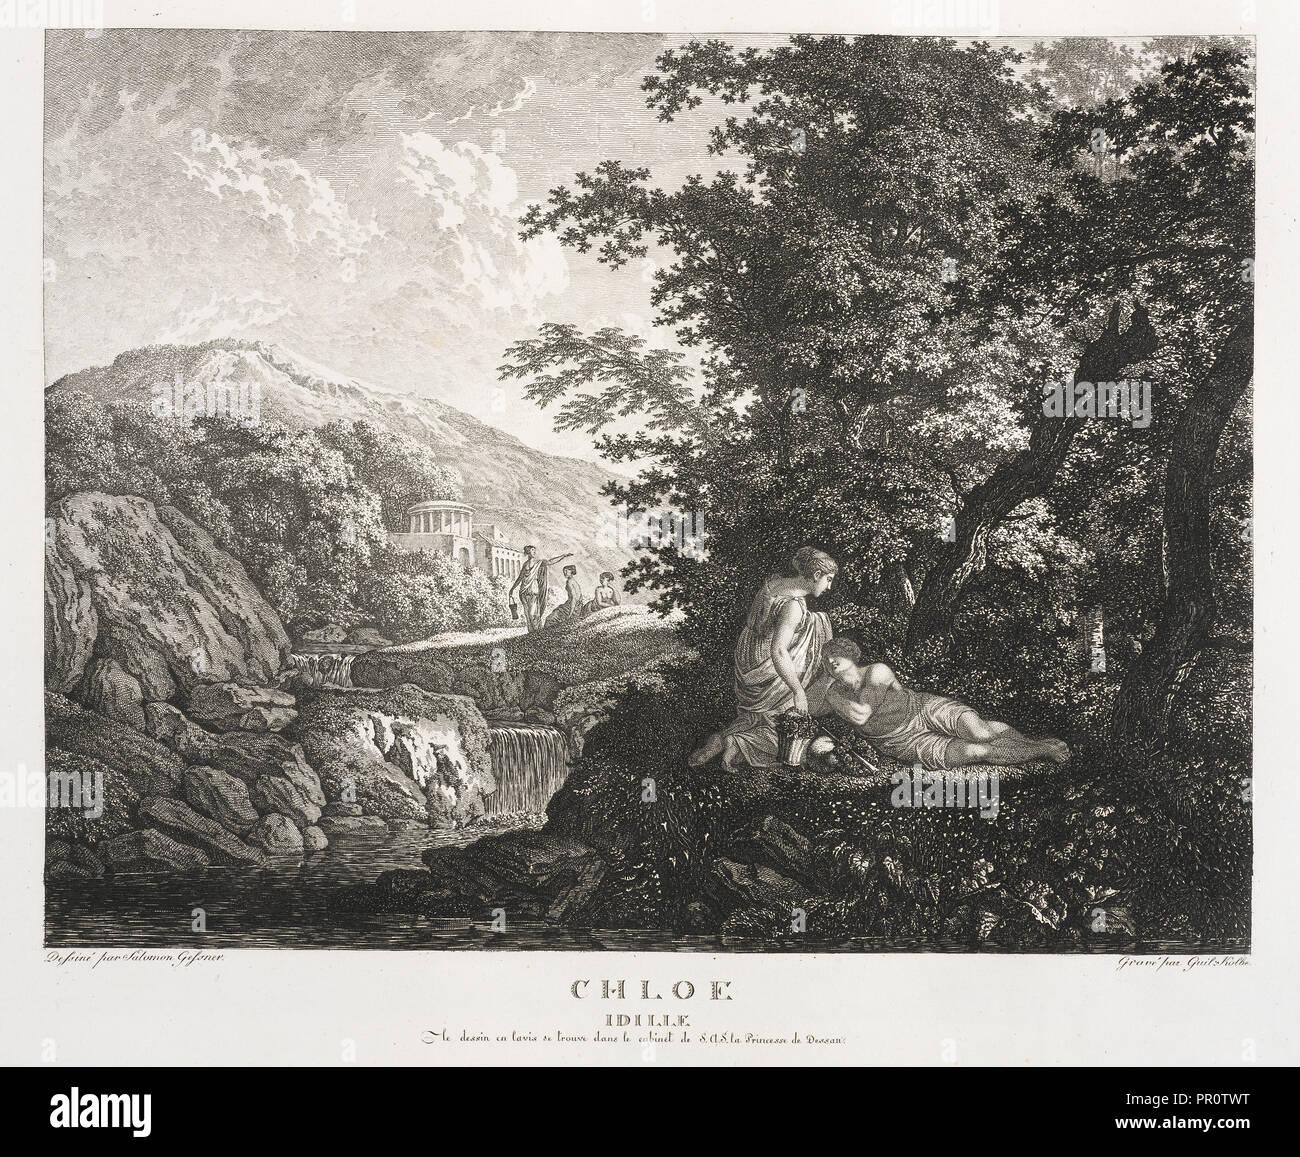 Chloe Idille, Colección des tableaux en gouache et des Dessins de Salomon Gessner, Gessner, Salomon, 1730-1788, Kolbe, Carl Foto de stock